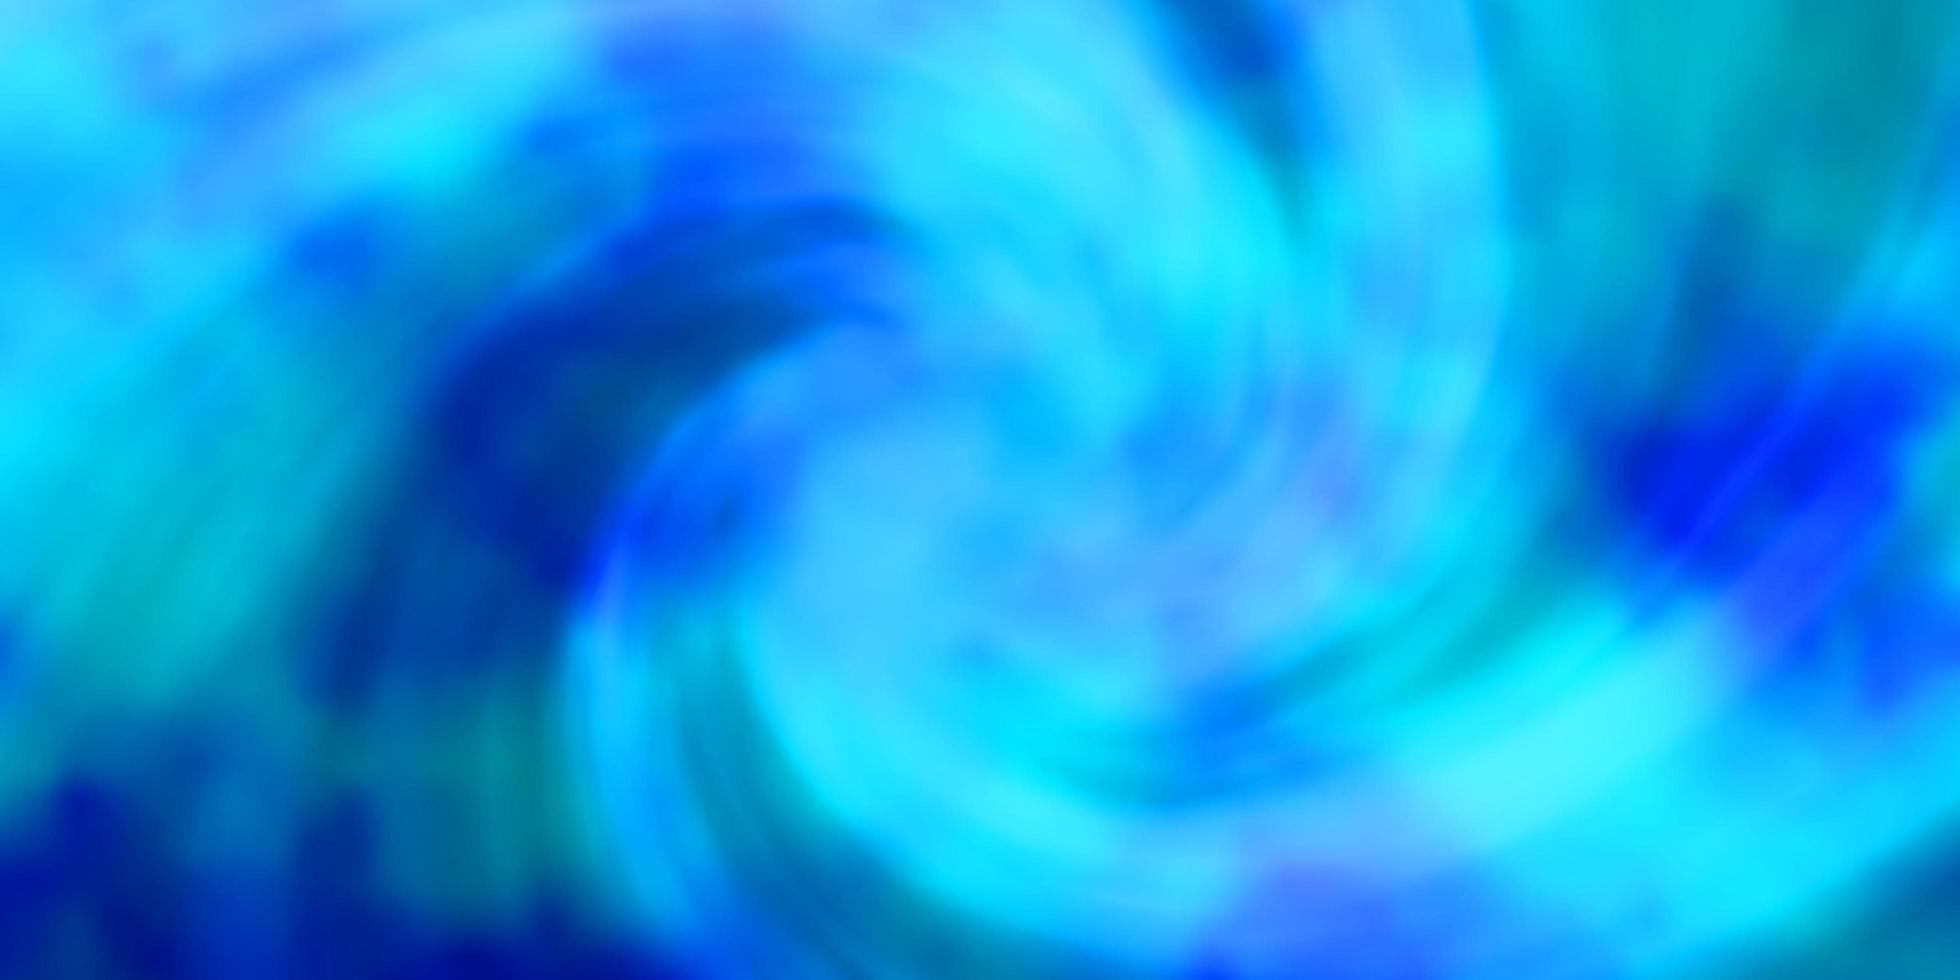 ljusblå vektor bakgrund med cumulus.